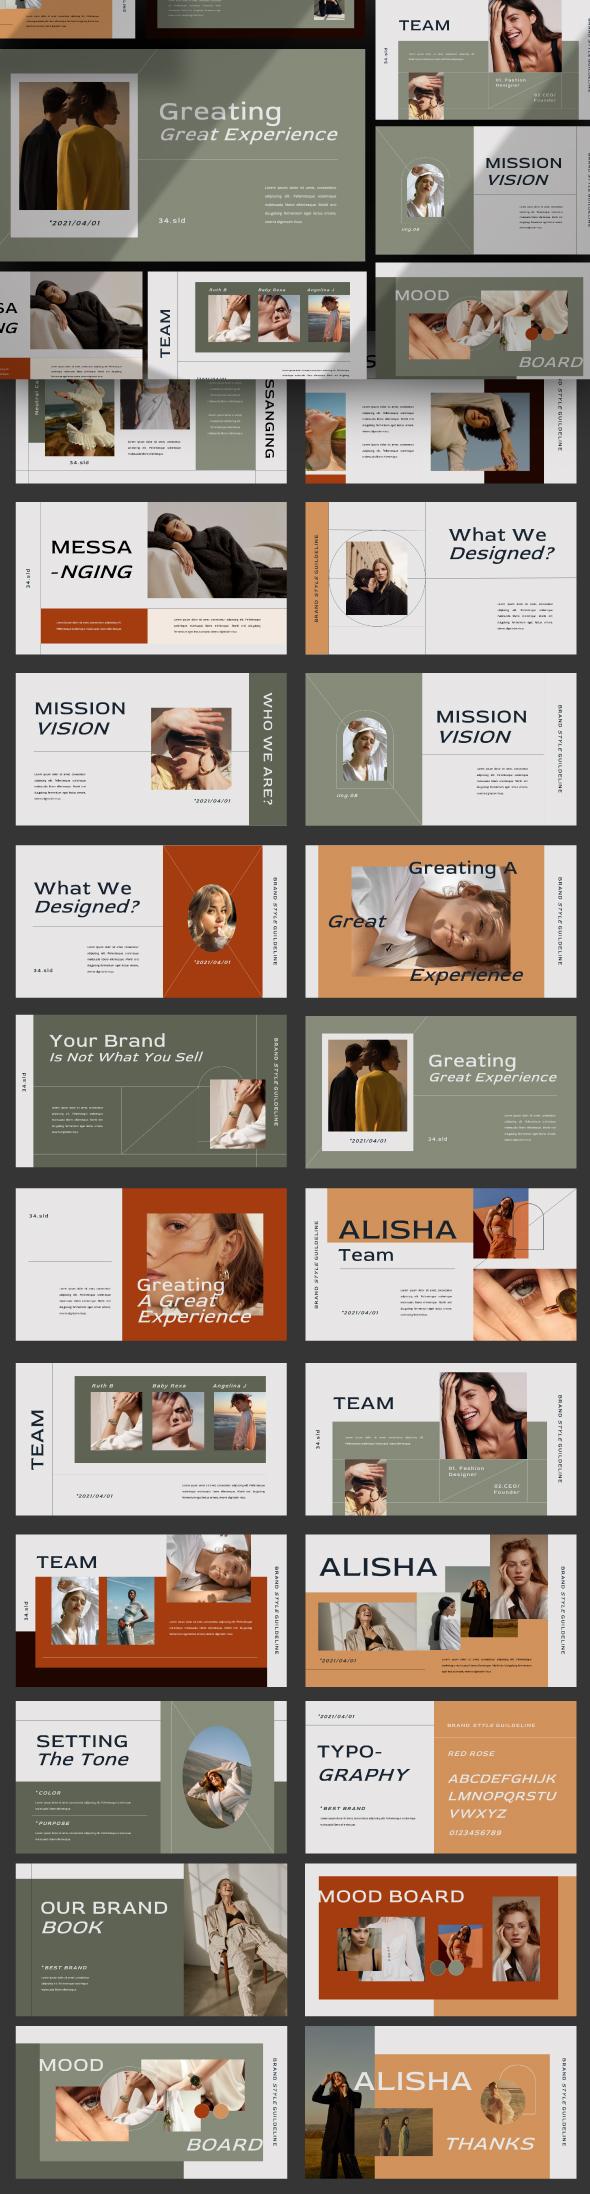 Alisha Brand Presentation Template